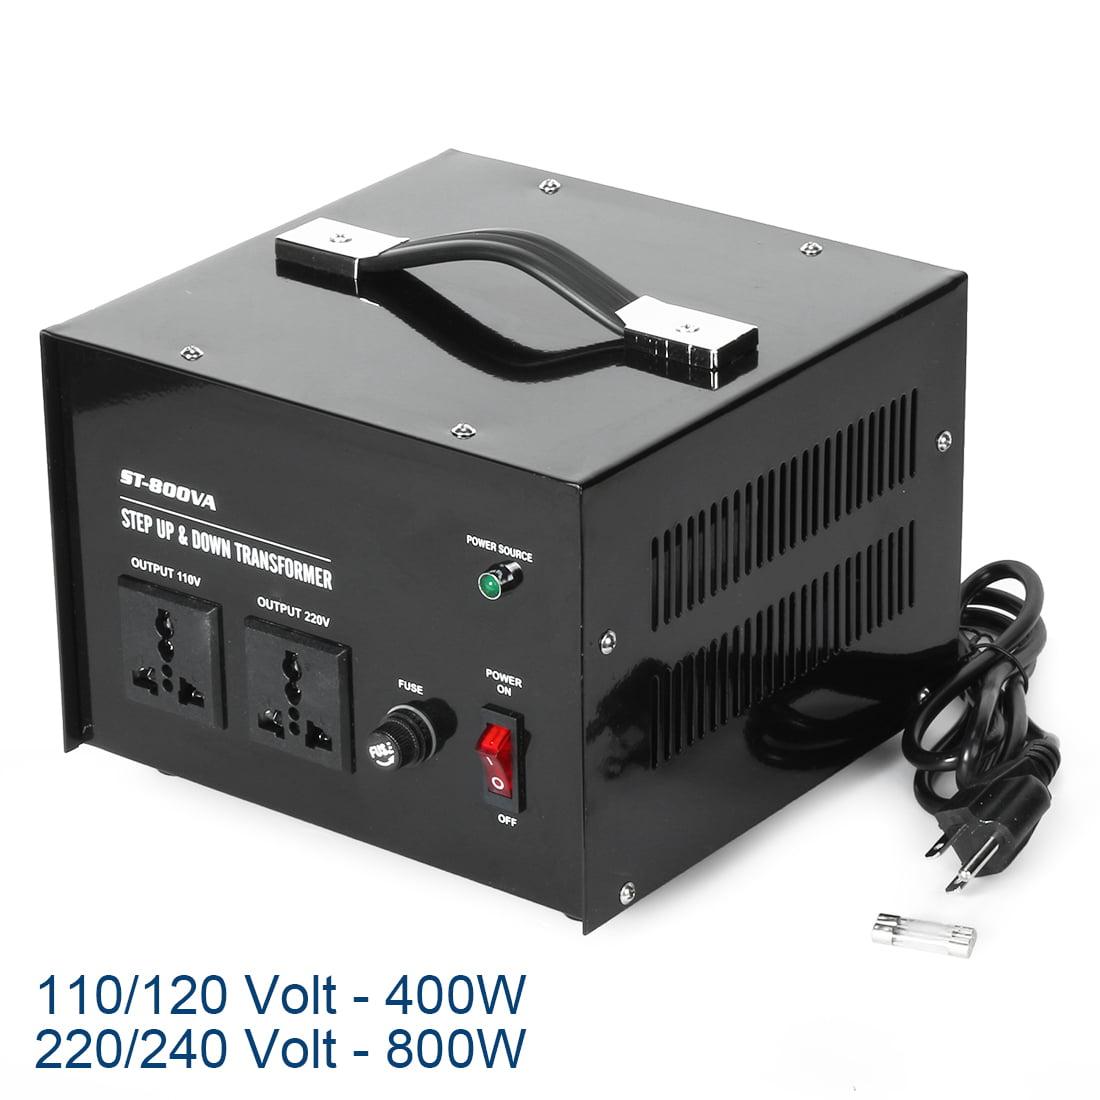 800w Voltage Transformer 800 Watt Step Up Down Converter 110 120v 220 240v